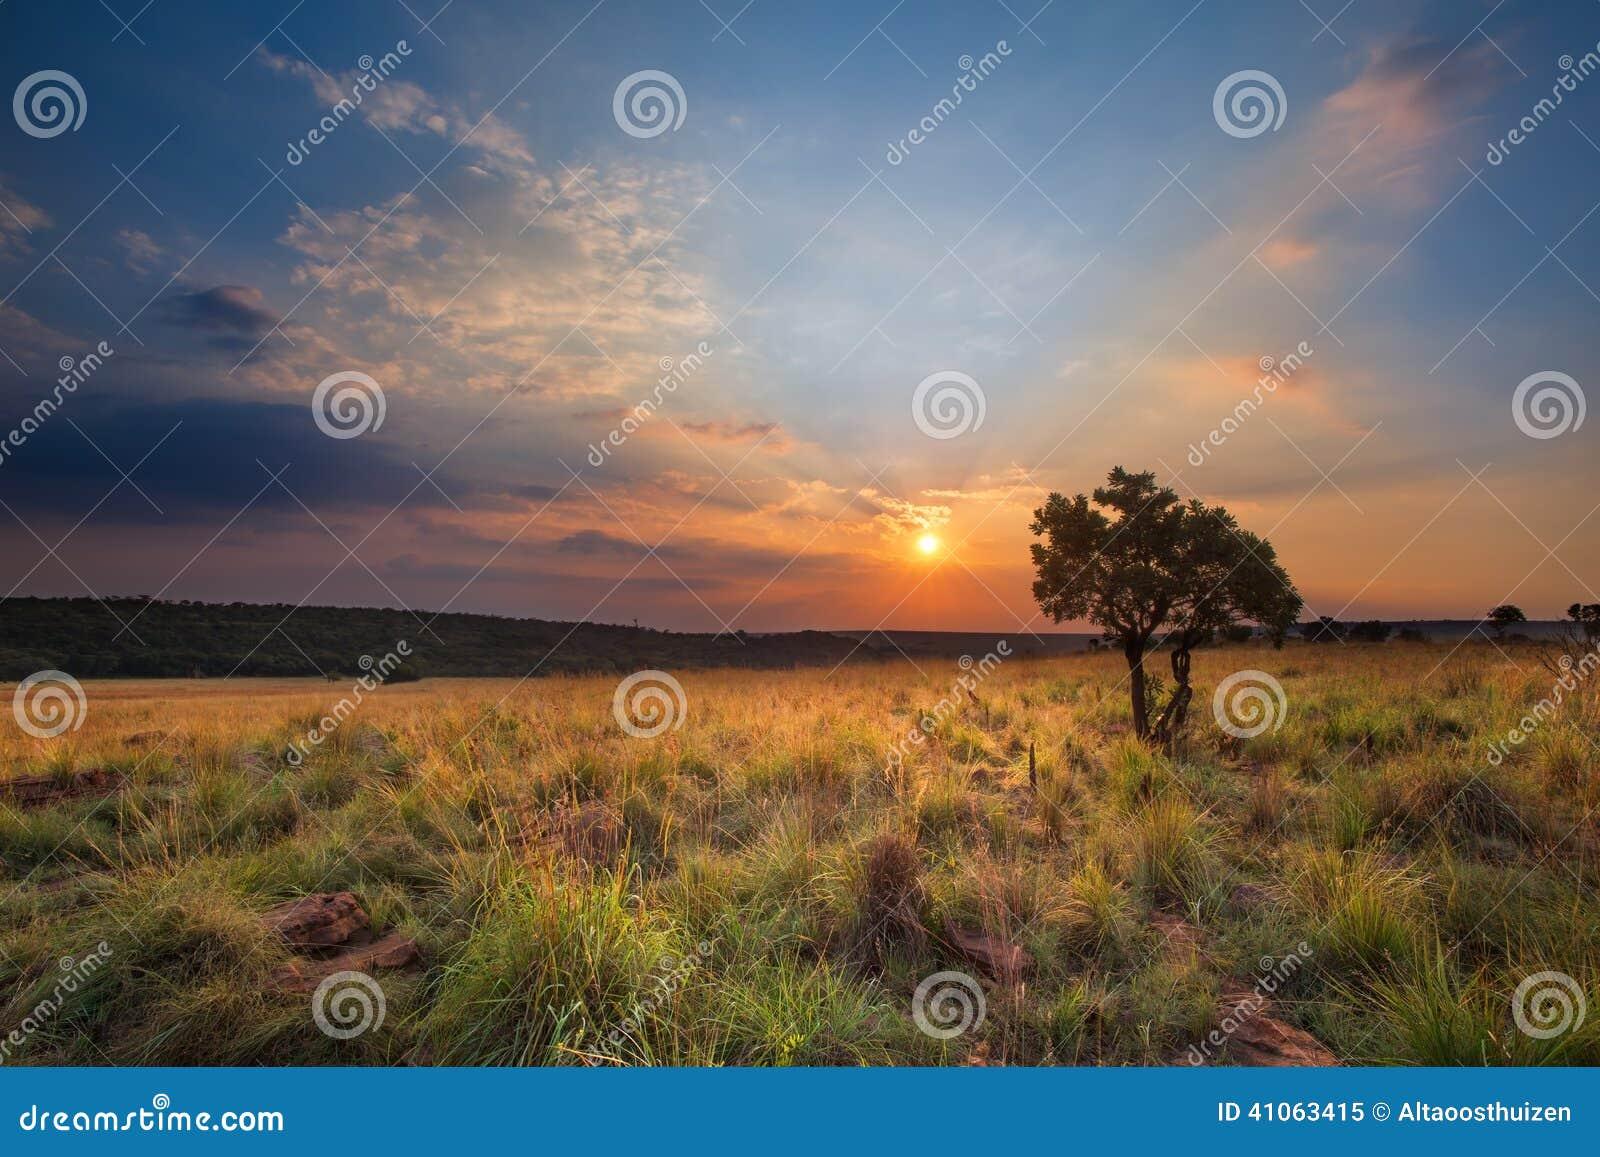 Magiczny zmierzch w Afryka z samotnym drzewem na wzgórzu i louds